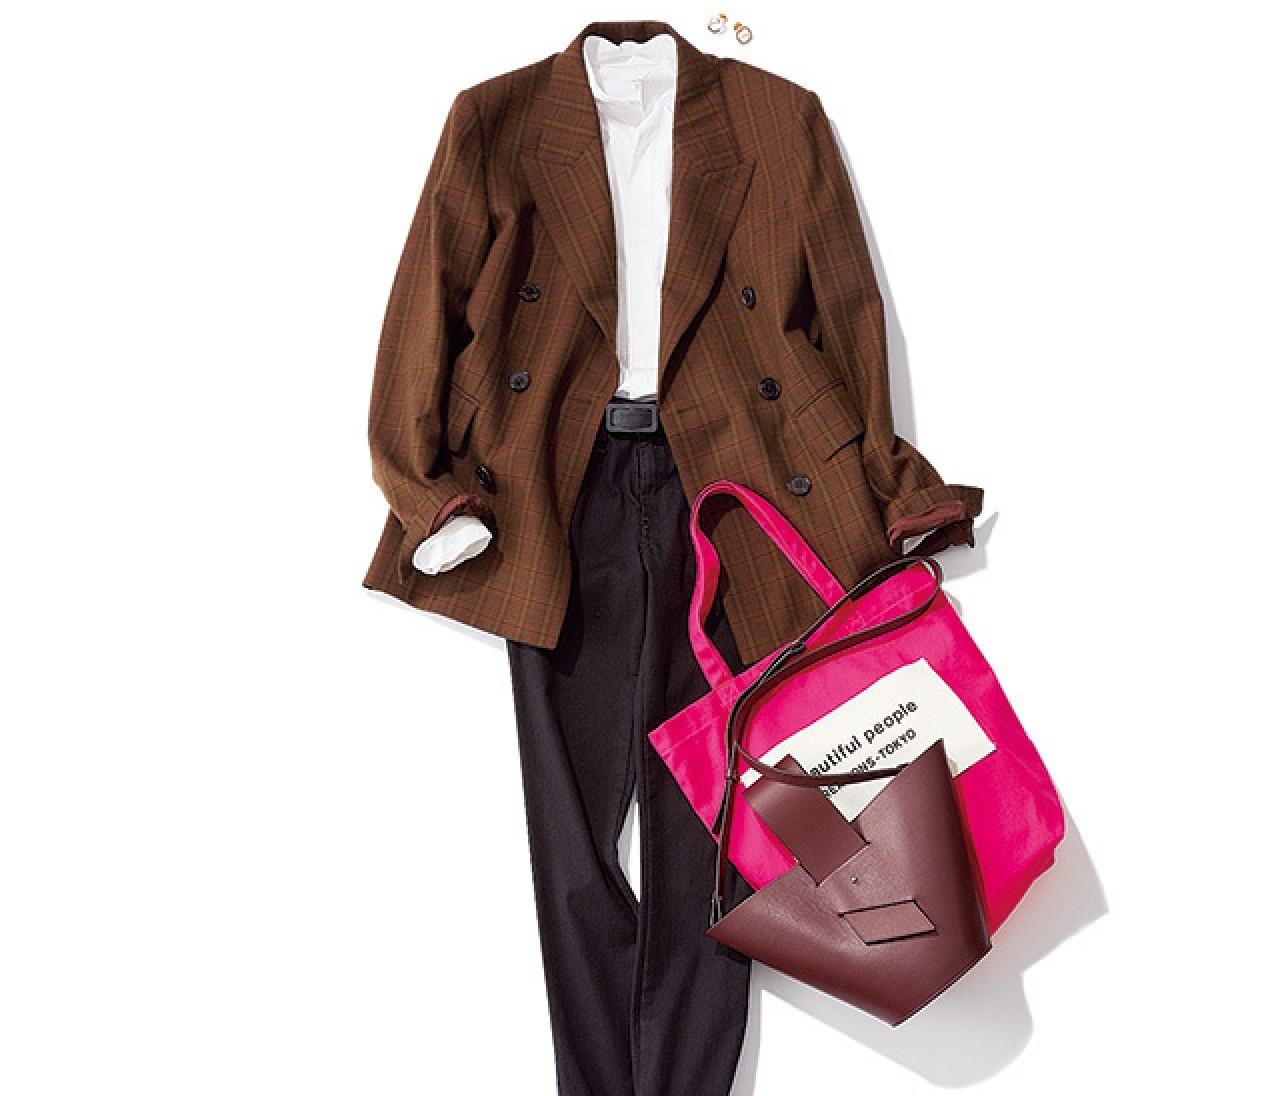 忙しい月曜は、程よく力が抜けたジャケットスタイルが断然素敵!